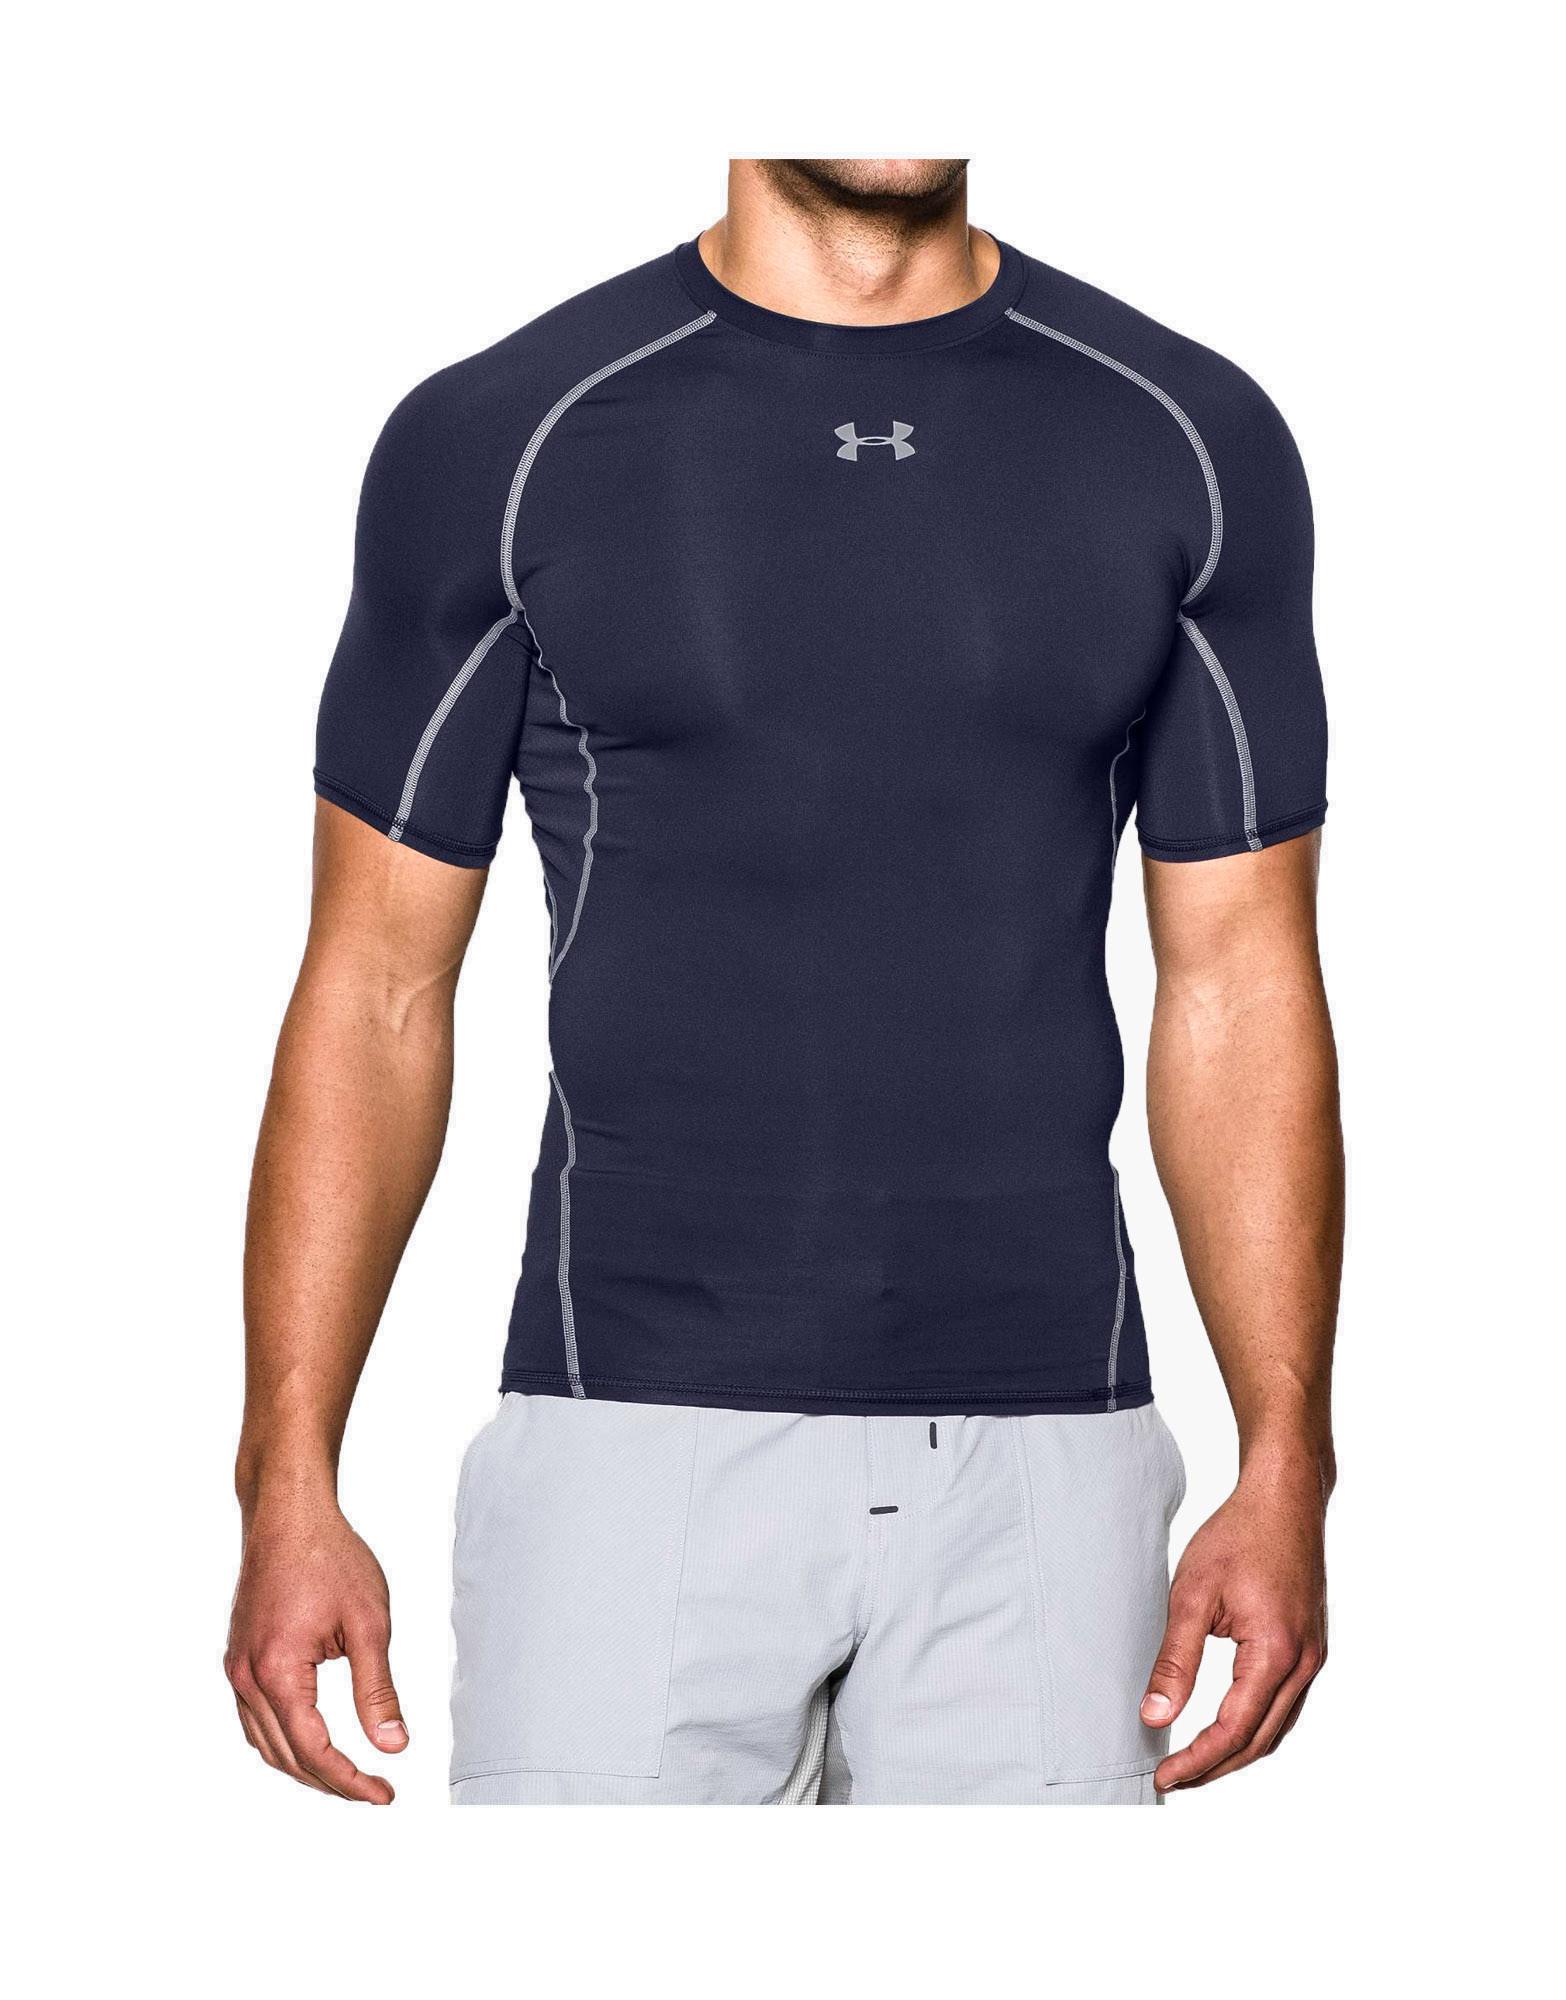 lavandería bahía Por lo tanto  Men's UA HeatGear Armour Short Sleeve Compression Shirt by Under armour,  Colour: Midnight Navy - iafstore.com